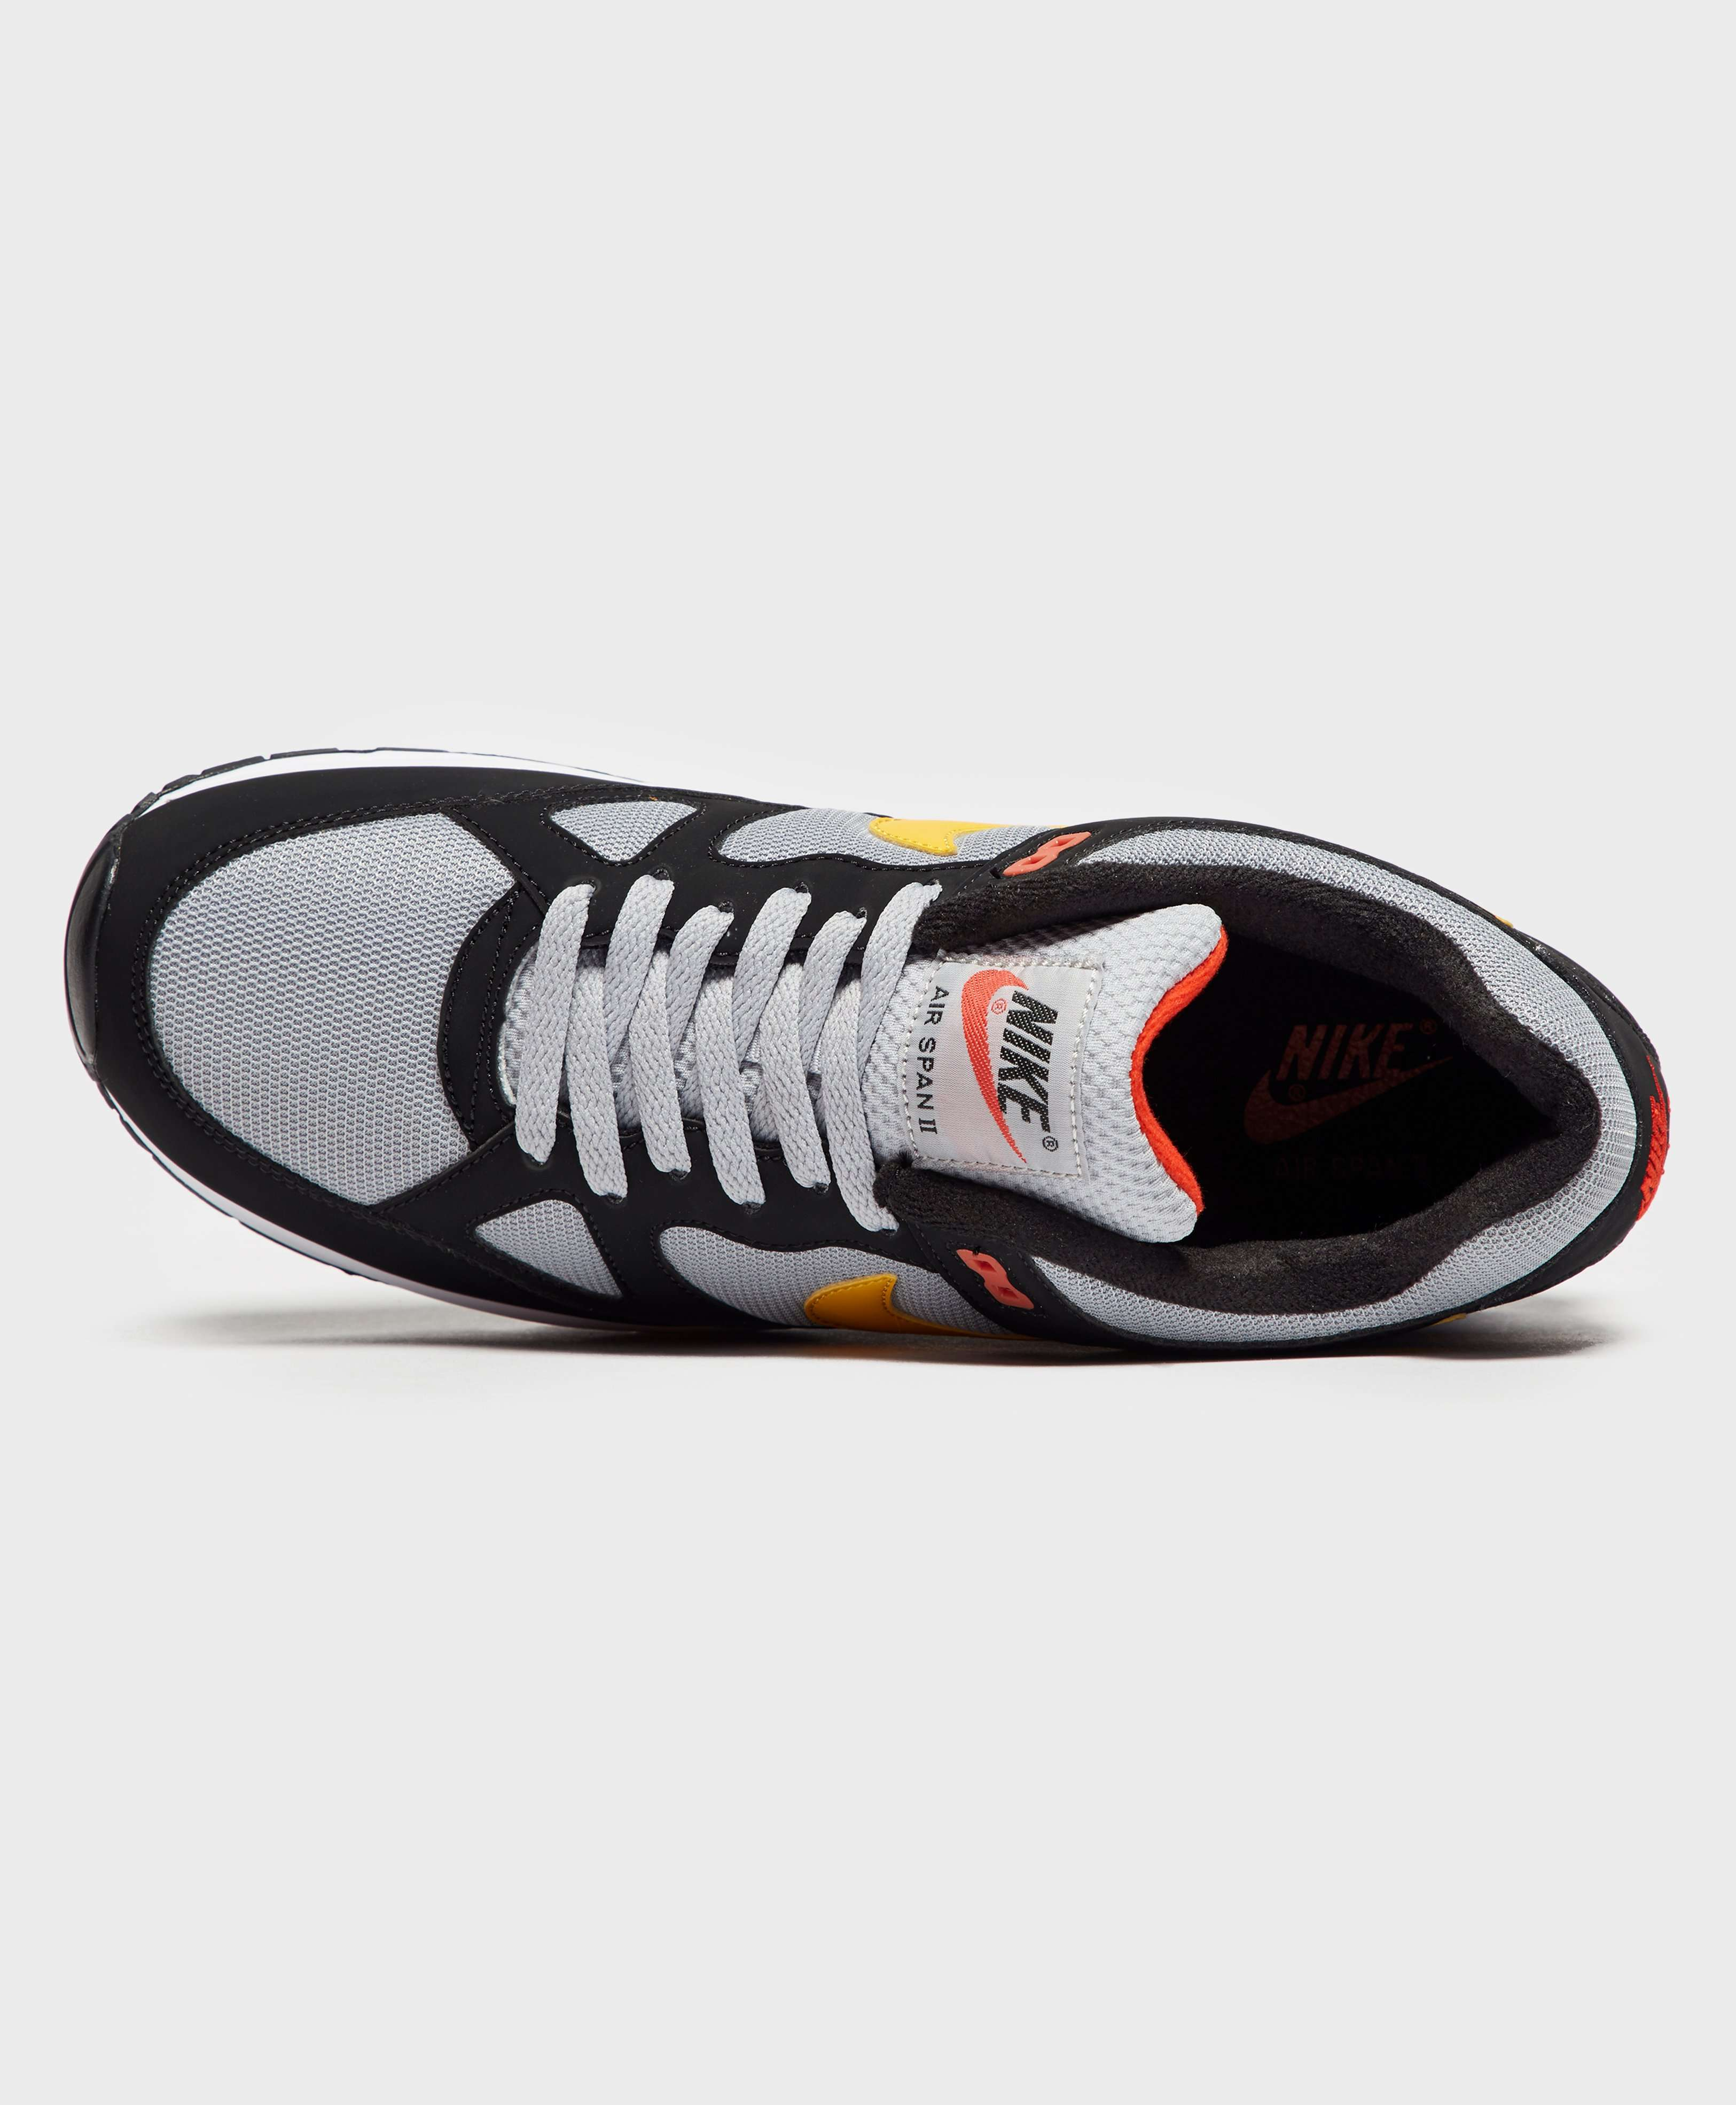 Nike Air Span II - Online Exclusive